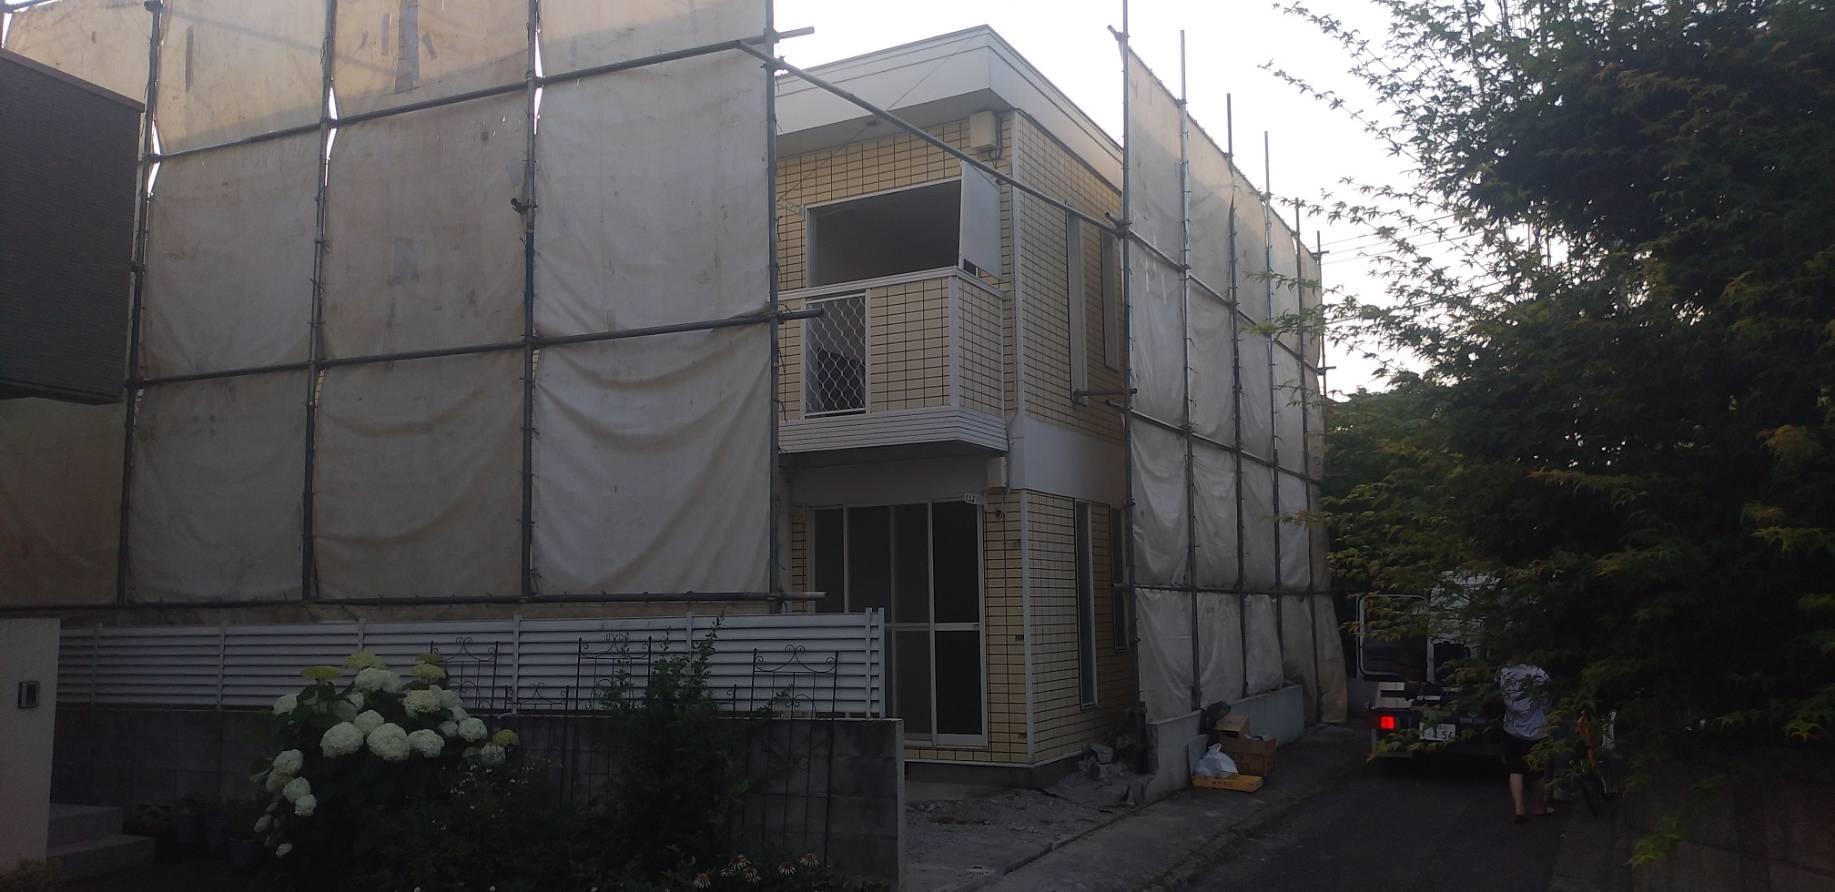 杉並区和泉 鉄骨アパート解体工事